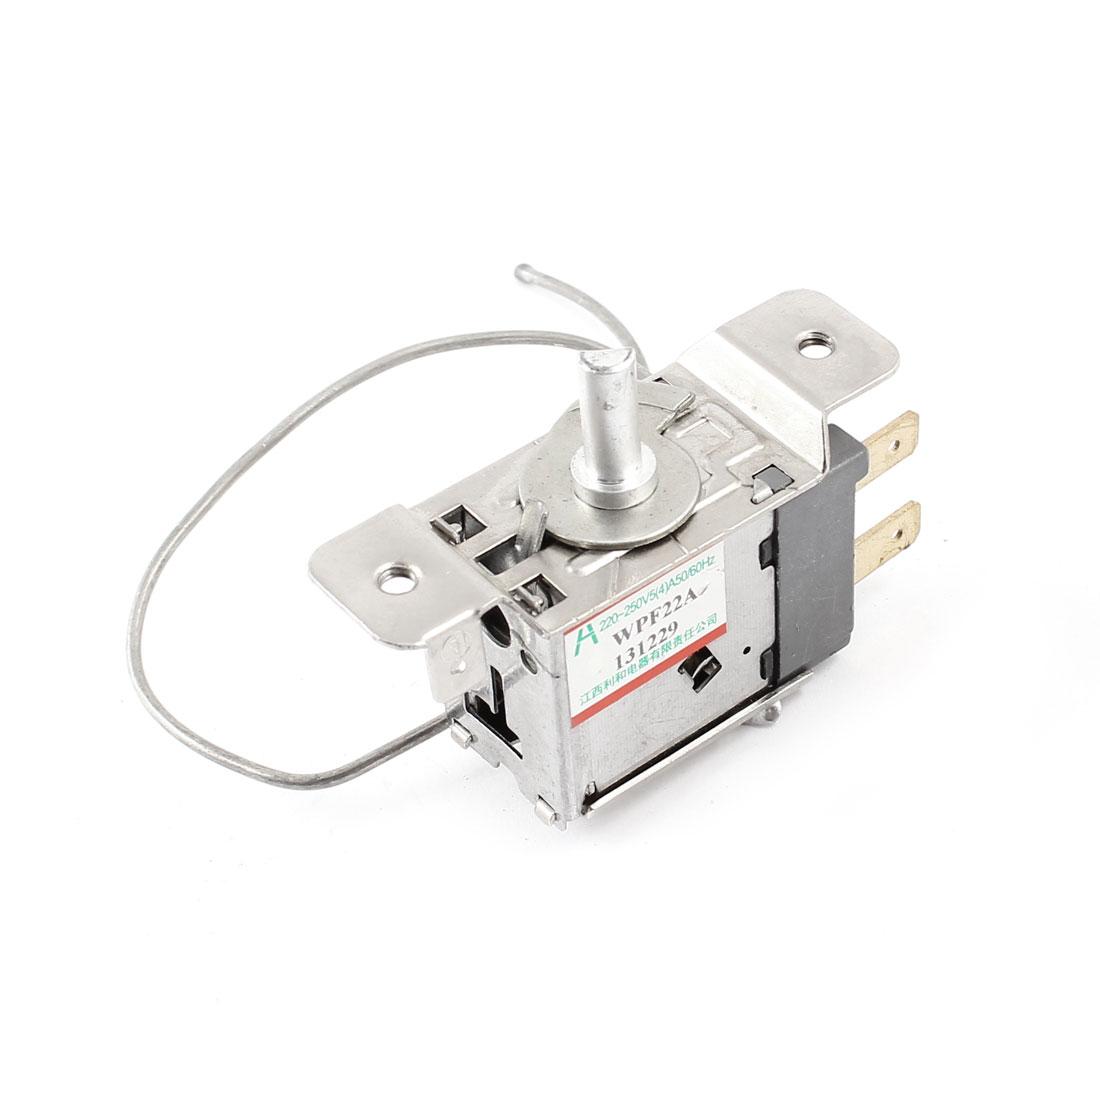 AC 220-250V 5(4)A -15 to 21 Celsius 2 Terminals Freezer Refrigerator Thermostat